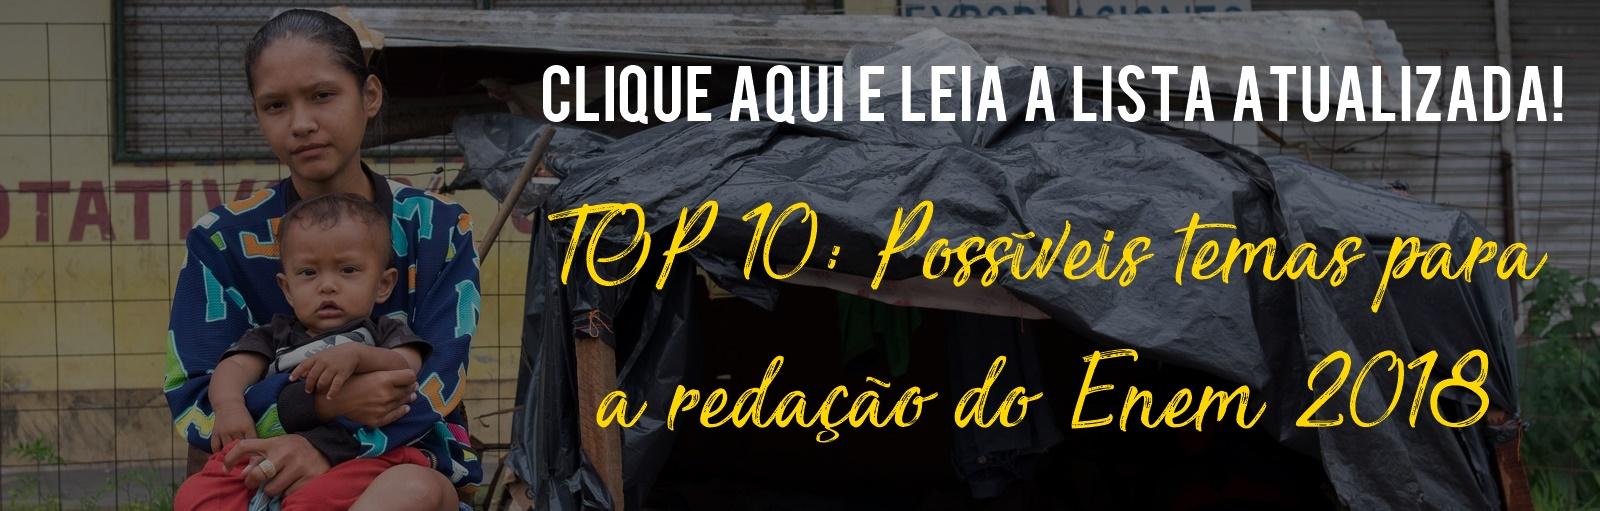 TOP 10: Possíveis temas para a redação do Enem 2018